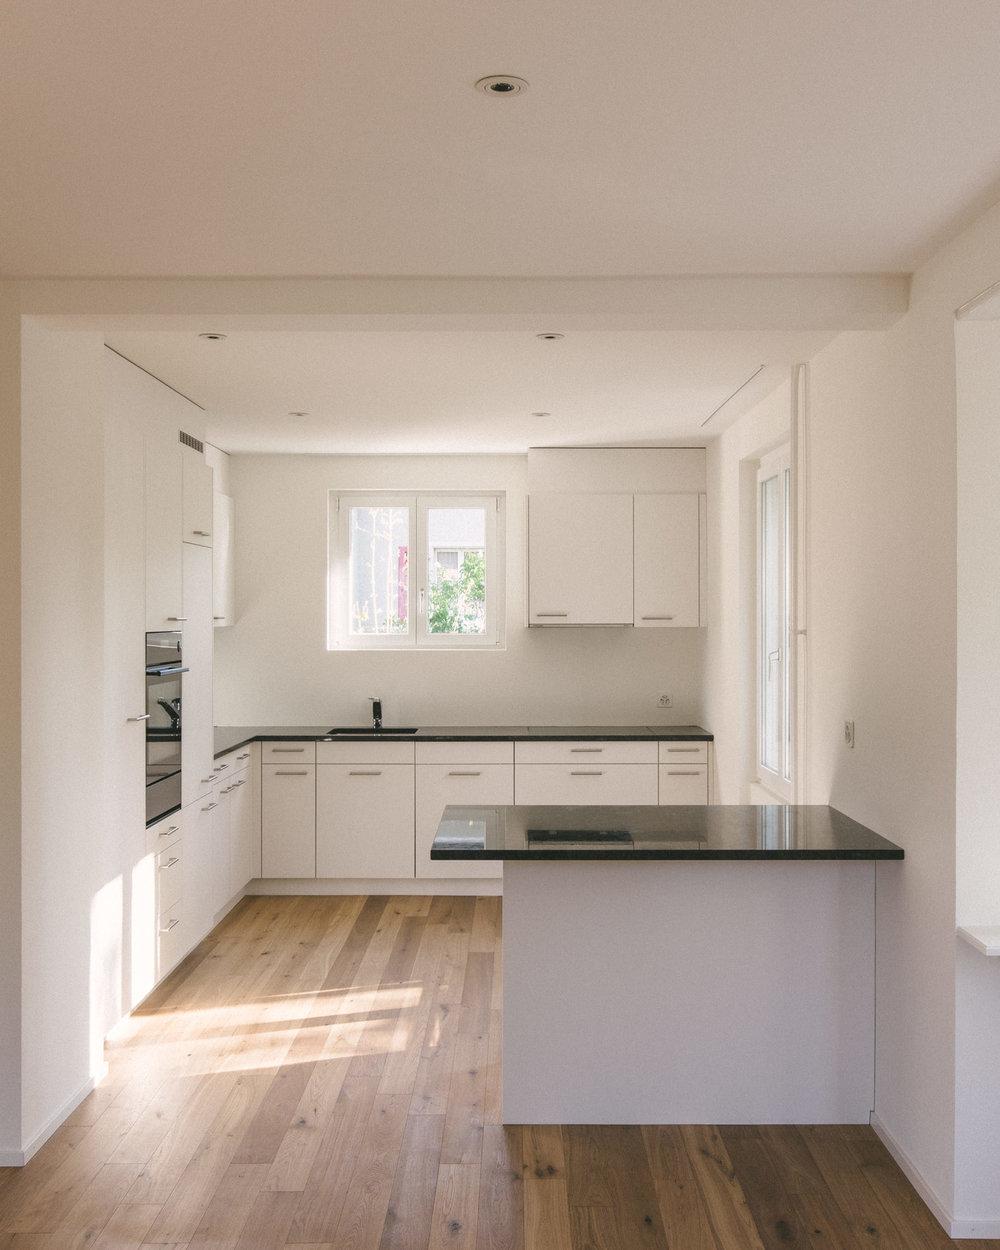 Umbau Arlesheim Küche, Consilium Architektur und Baumanagement